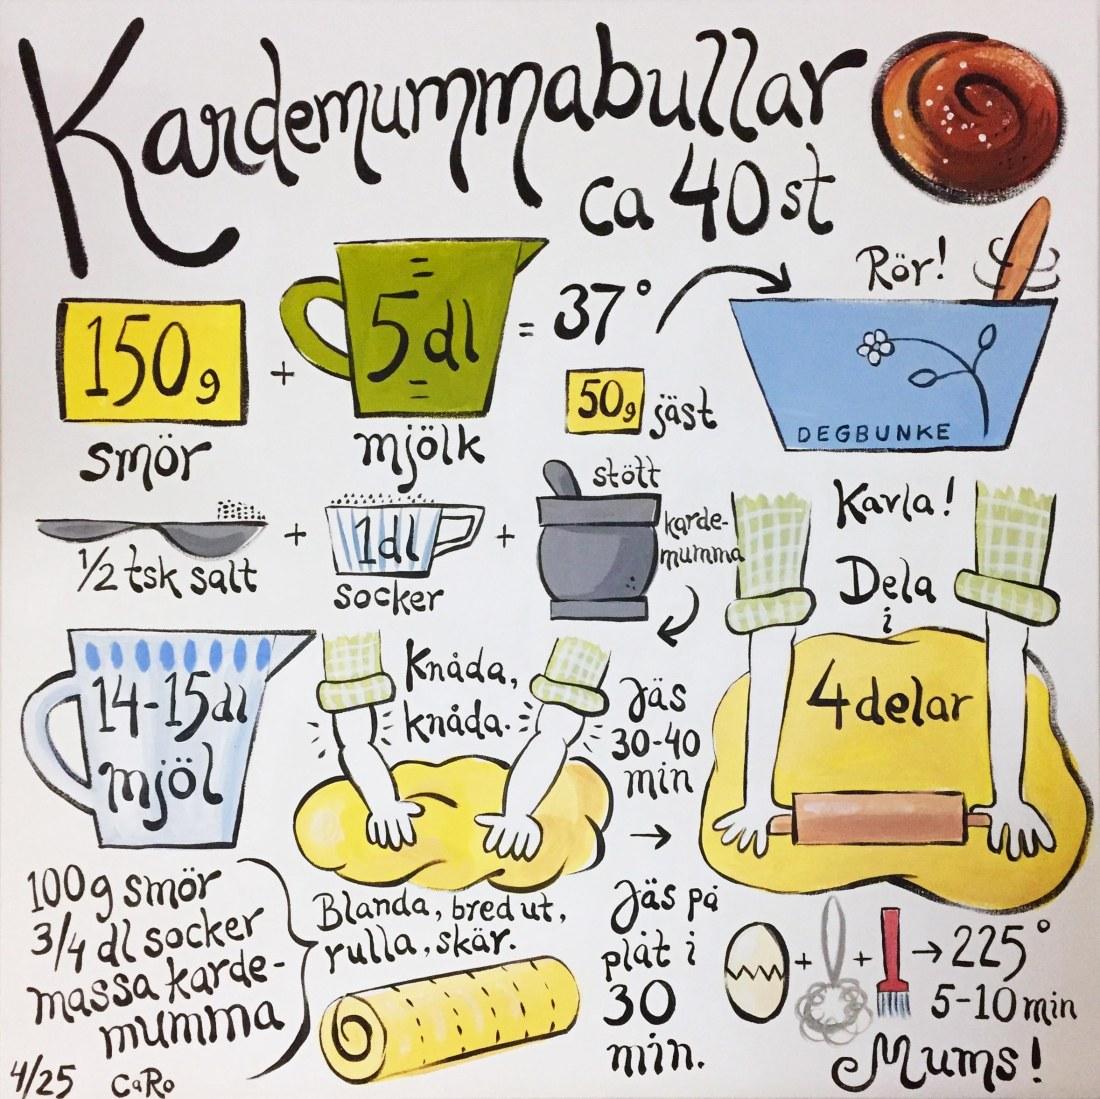 K-bulle1